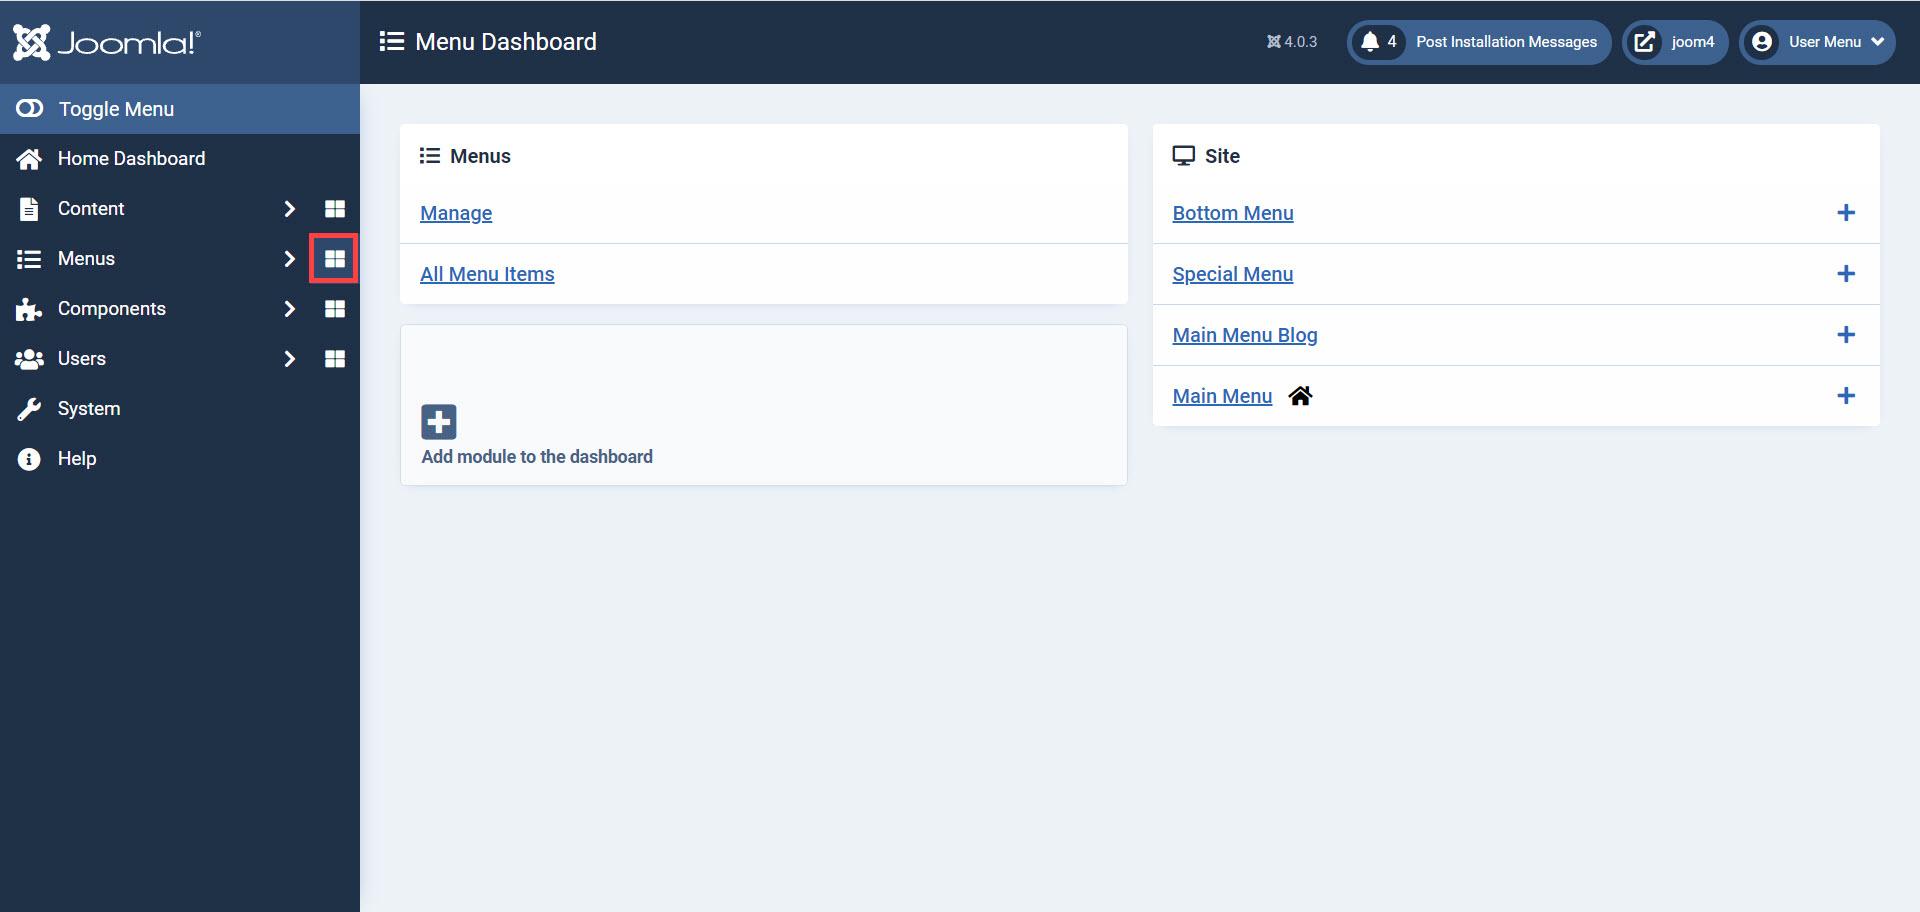 Menu Dashboard page